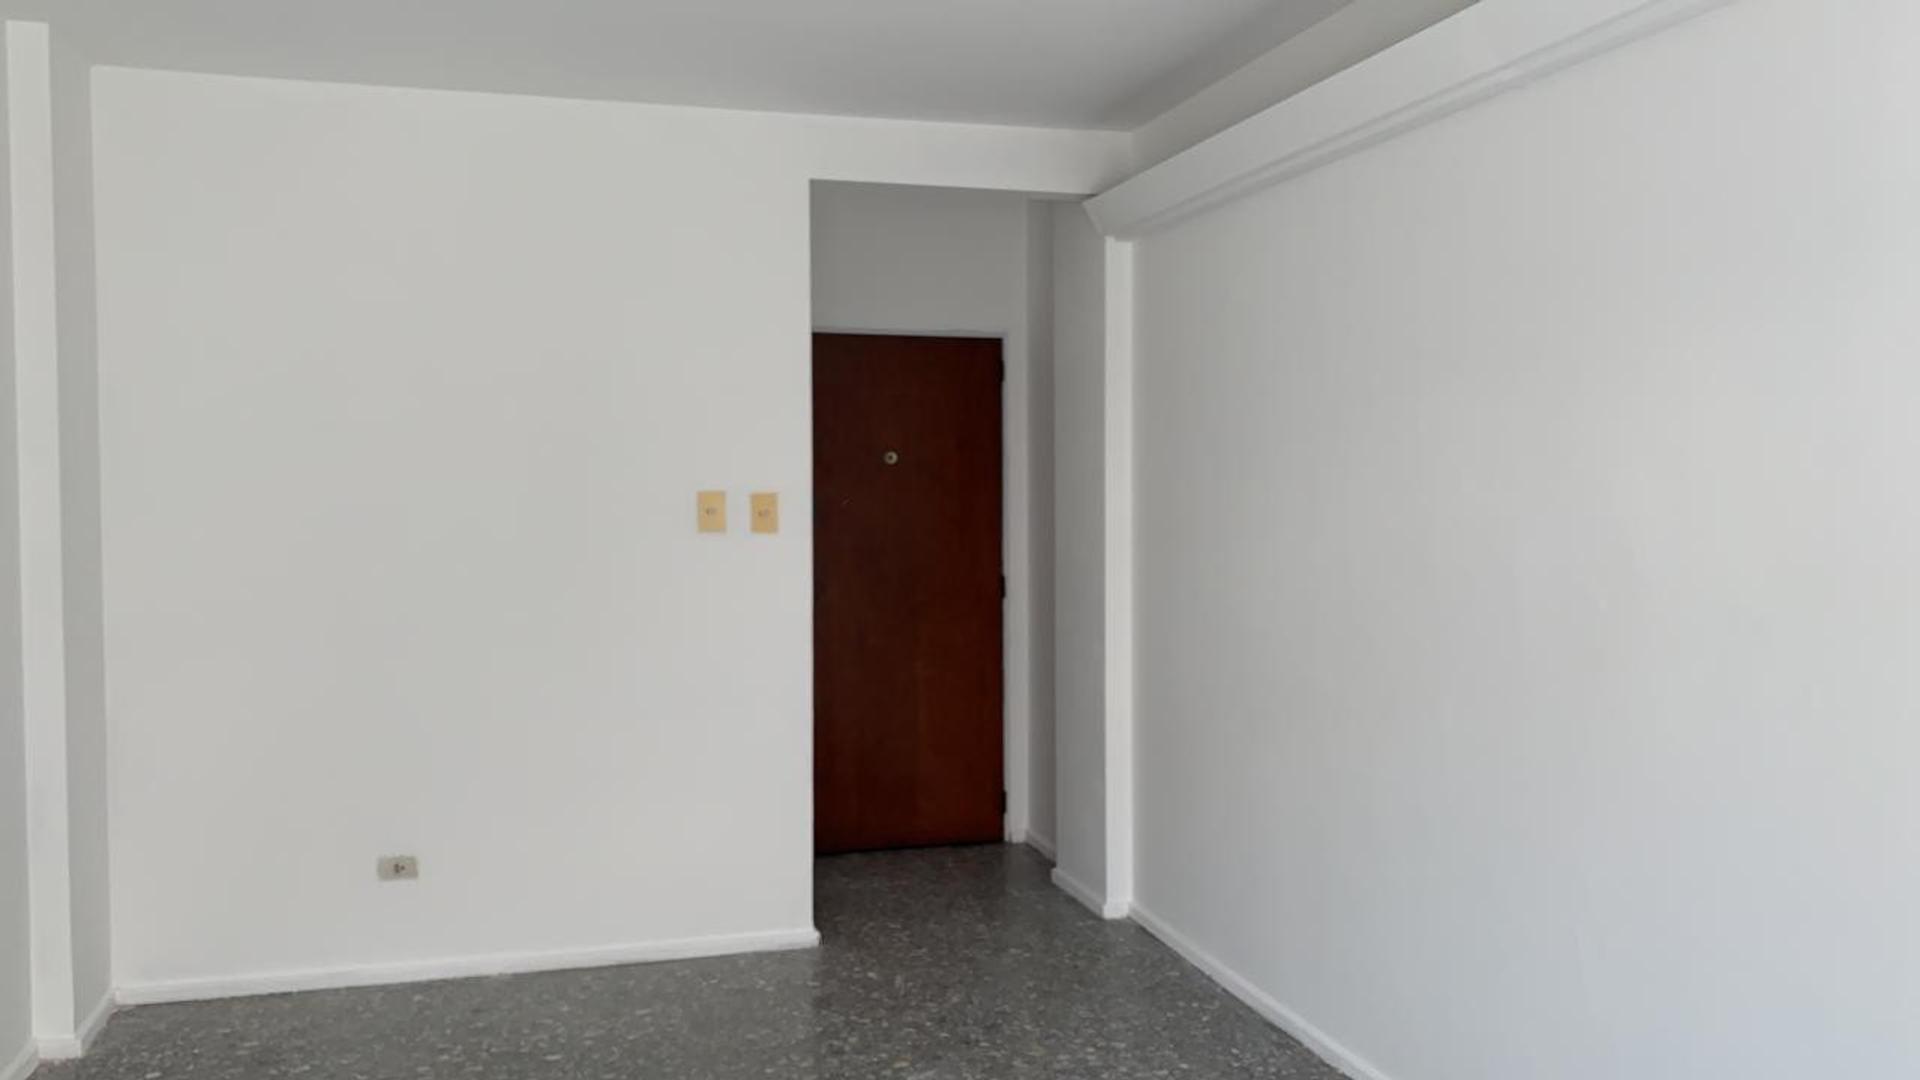 Departamento en Alquiler - 3 ambientes - $ 18.000